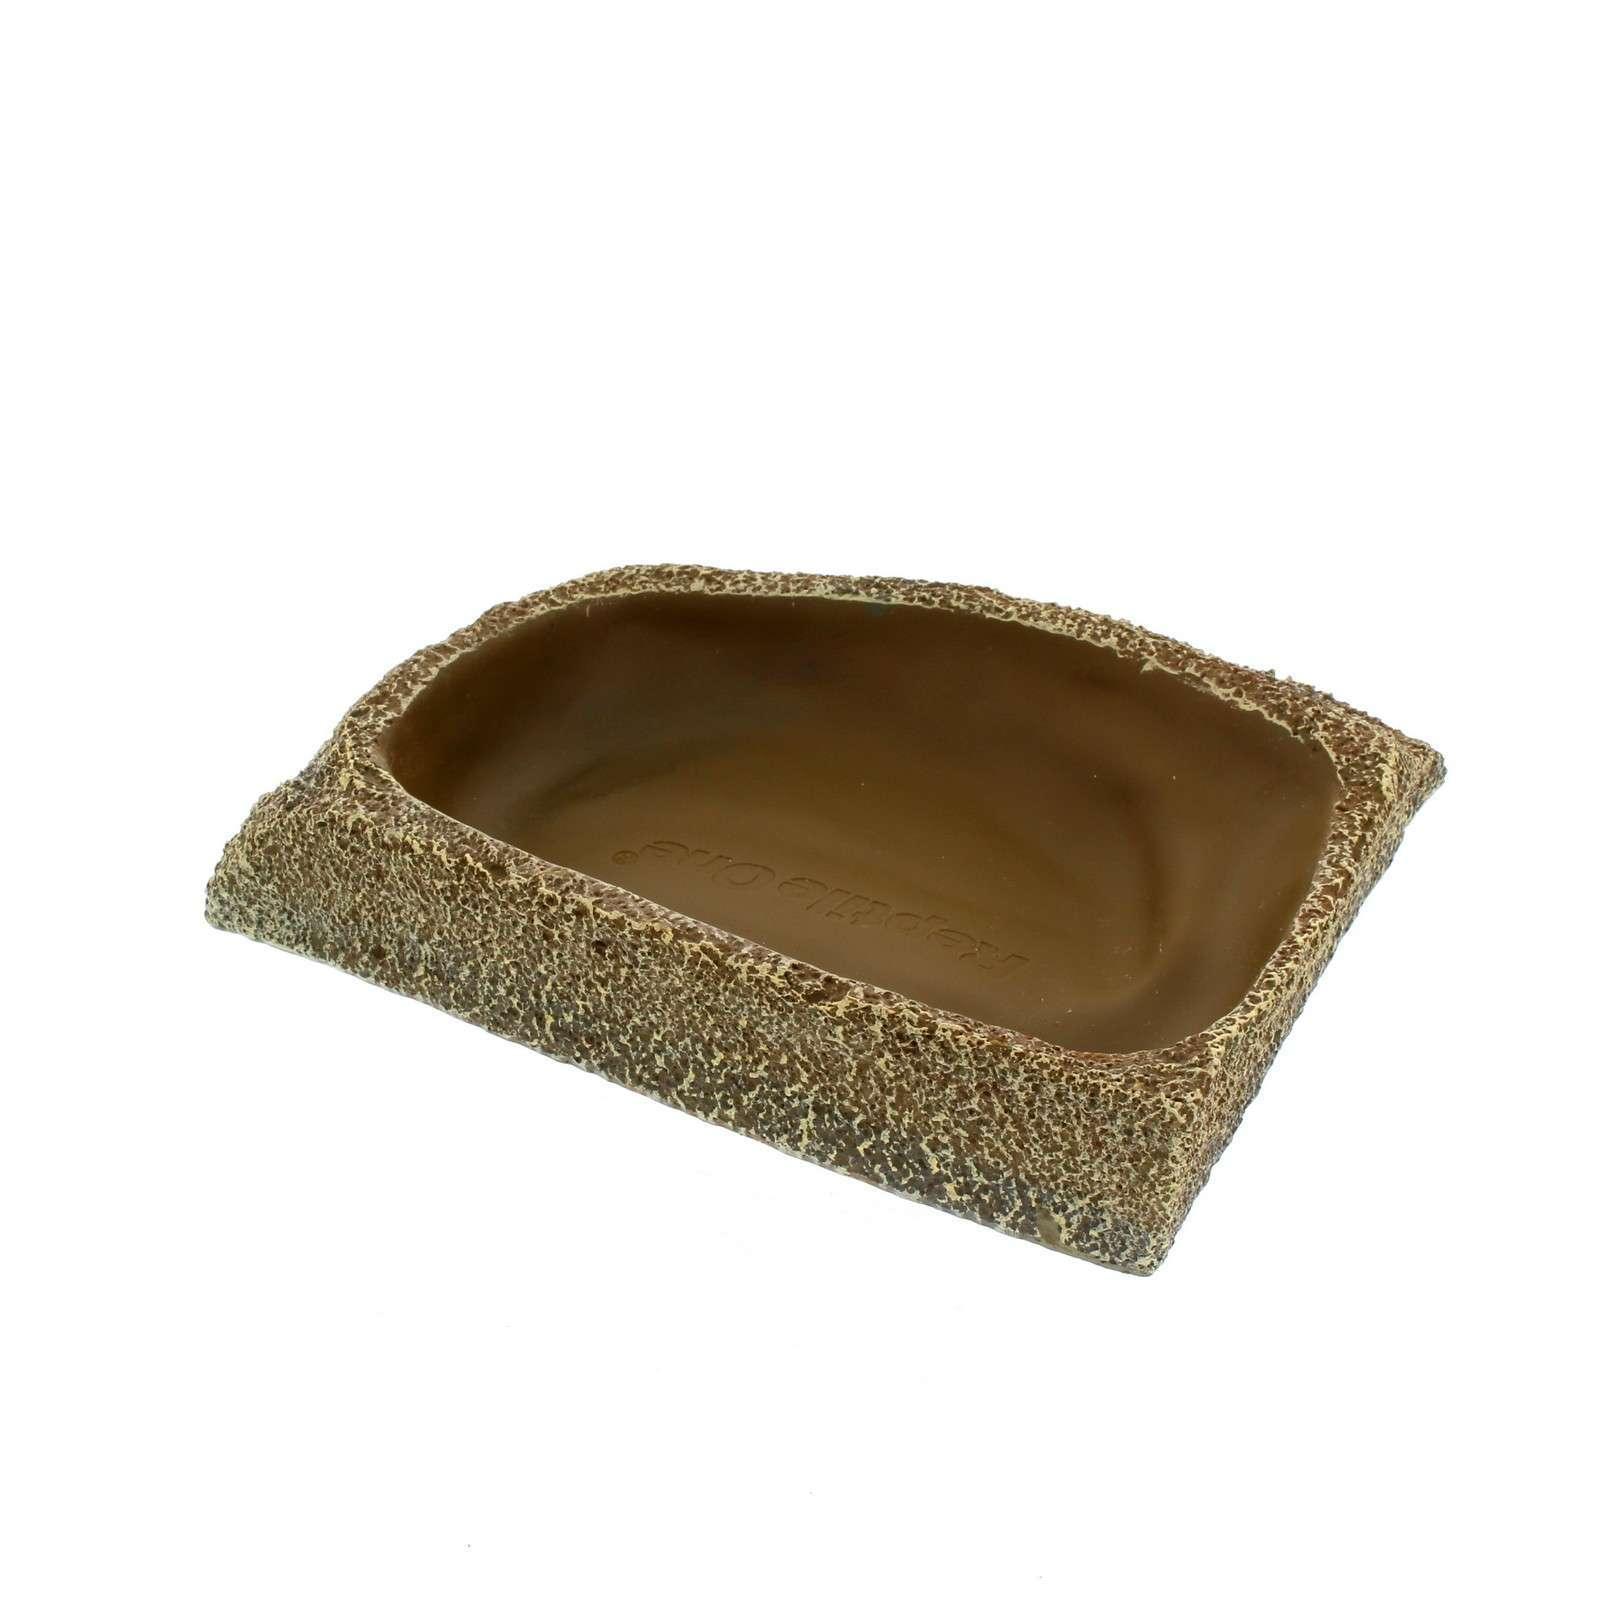 Dyno Rock Corner Fit Bowl Regular Reptile One Realistic Texture Long Lasting Buy Reptile